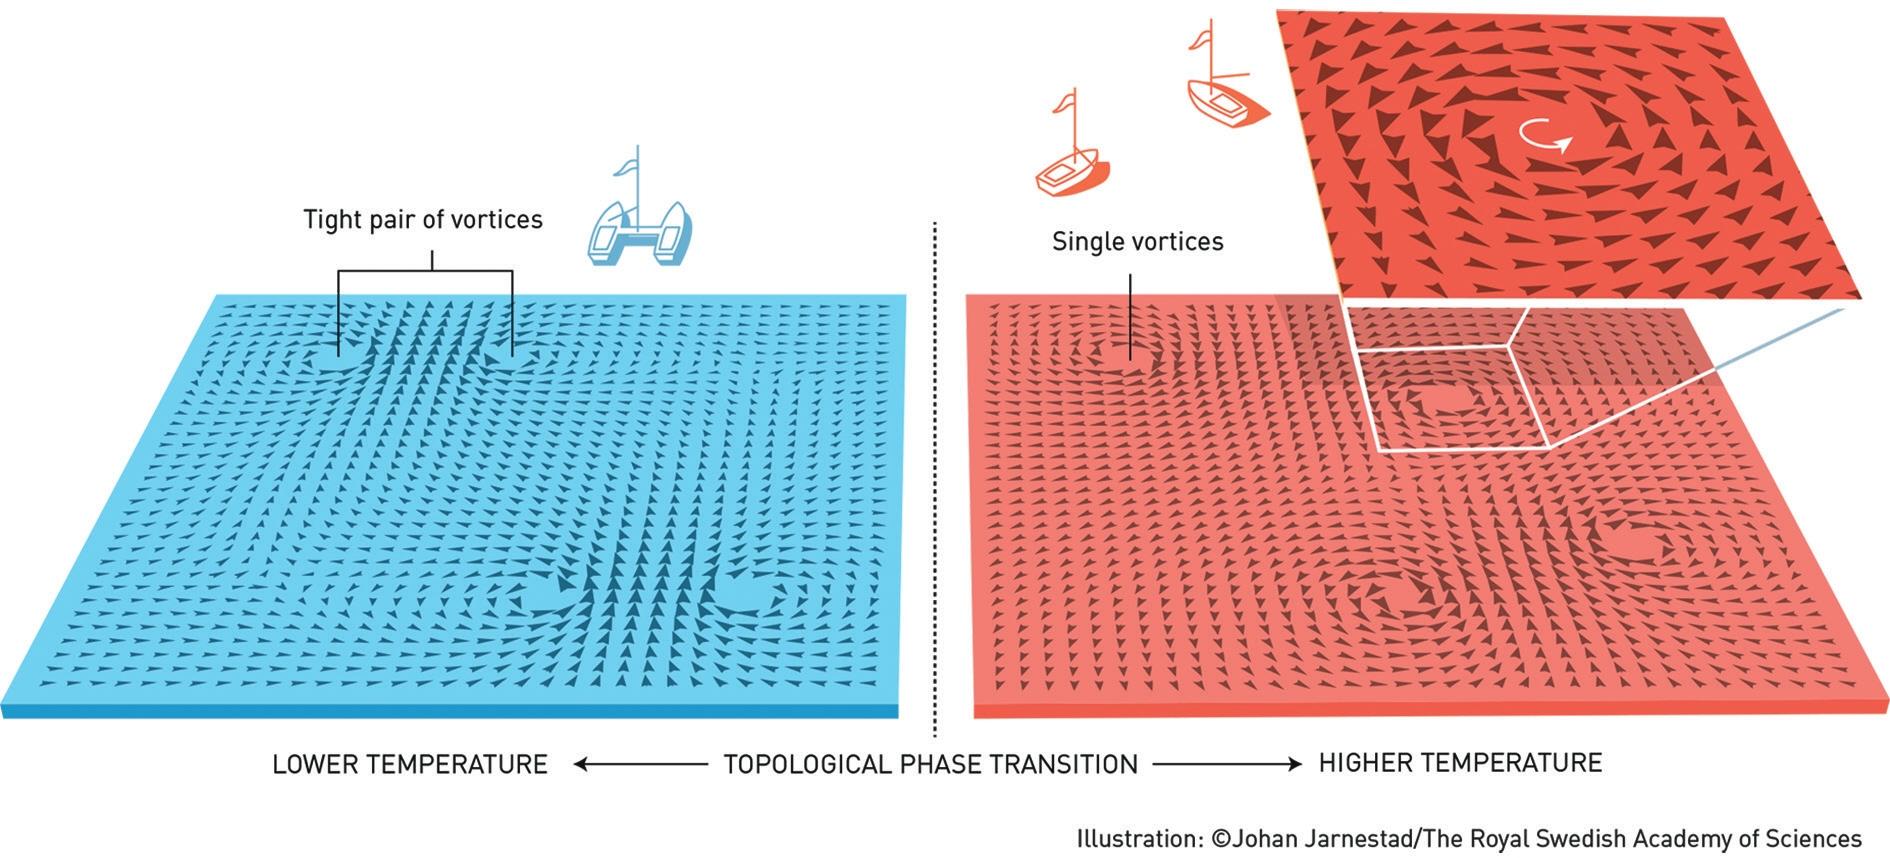 Фазовый переход. Он происходит, когда вещество меняет свое агрегатное состояние, например, когда лед тает и становится водой. Используя понятия топологии, Костерлиц и Таулес описали свойства фазового перехода очень тонкого слоя очень холодного вещества. При низких температурах вихри существуют только парами, а при повышении температуры происходит фазовый переход и вихри начинают существовать независимо друг от друга. Это было одним из главных открытий в физике конденсированного состояния XX века